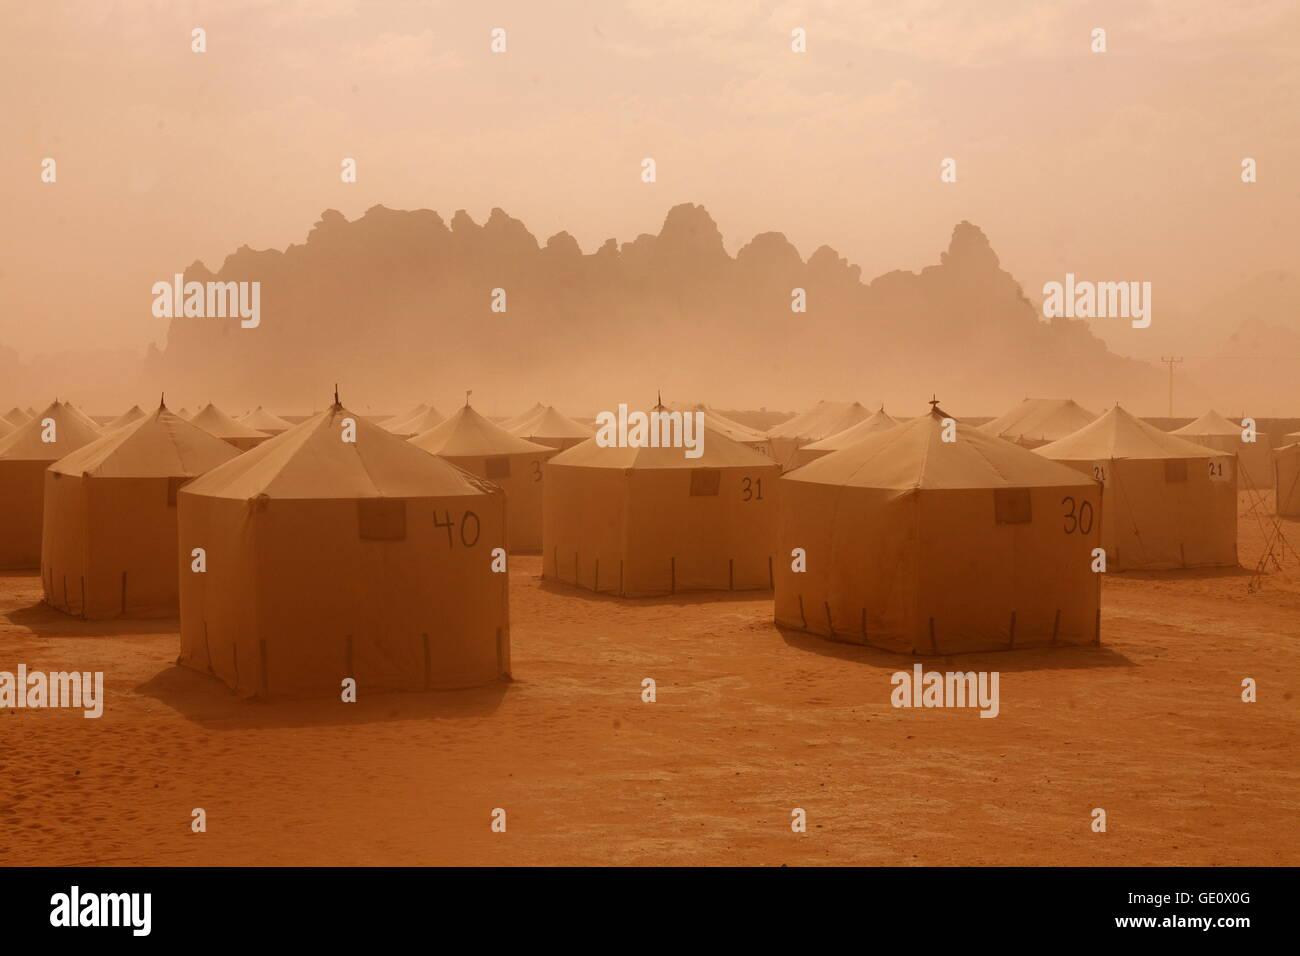 Una tormenta de arena en el paisaje del desierto de Wadi Rum en Jordania en el Oriente Medio. Imagen De Stock